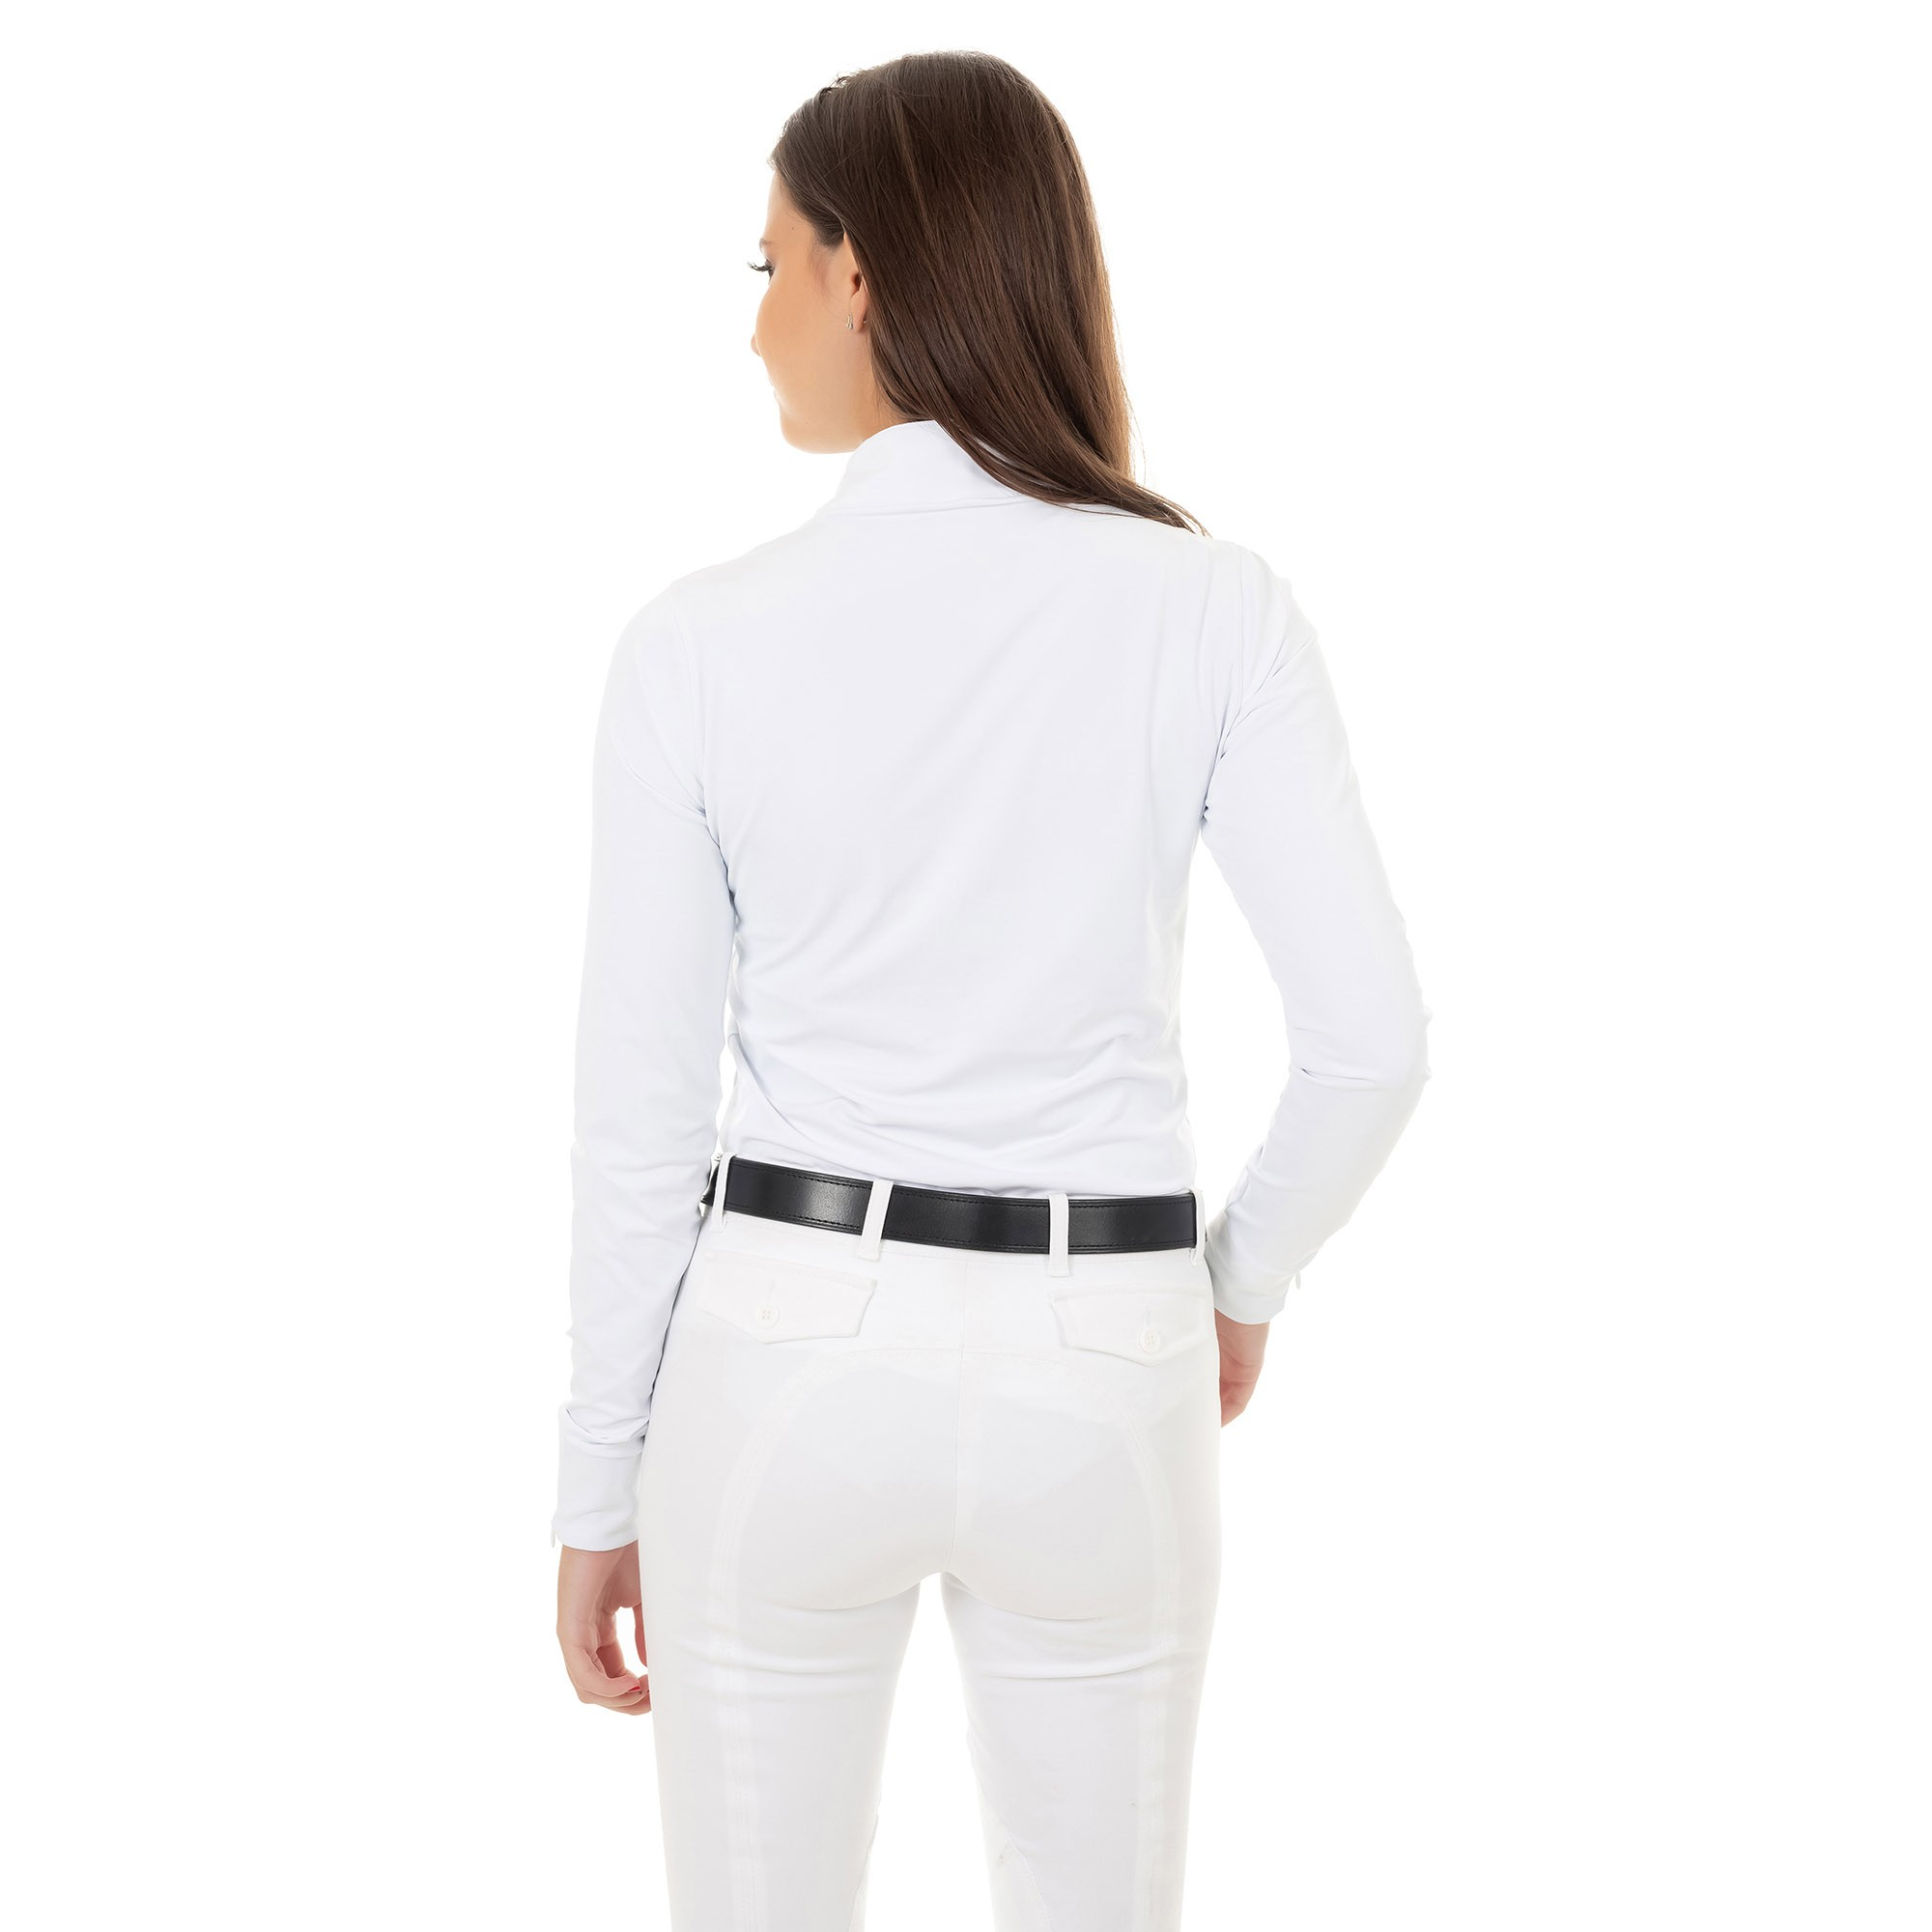 CAMISA PROVA MICROTECH FEMININA zipper manga longa